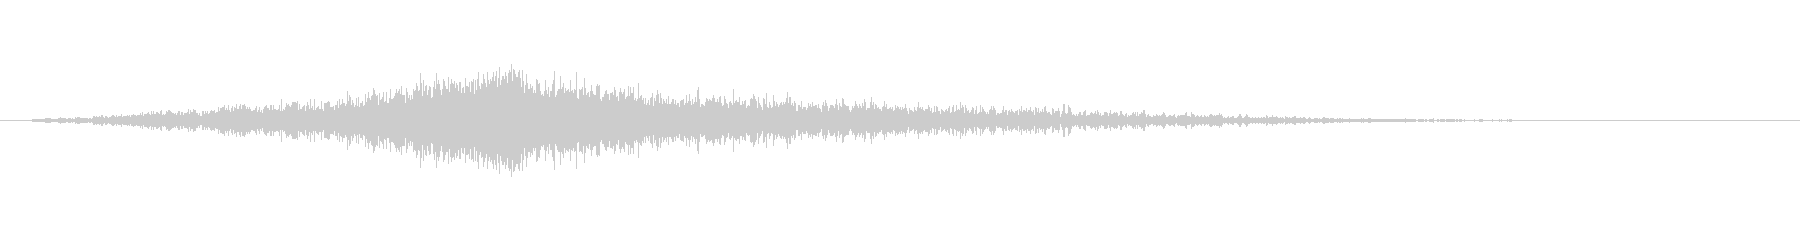 映画でよくあるライズヒットサウンドロゴ2の未再生の波形